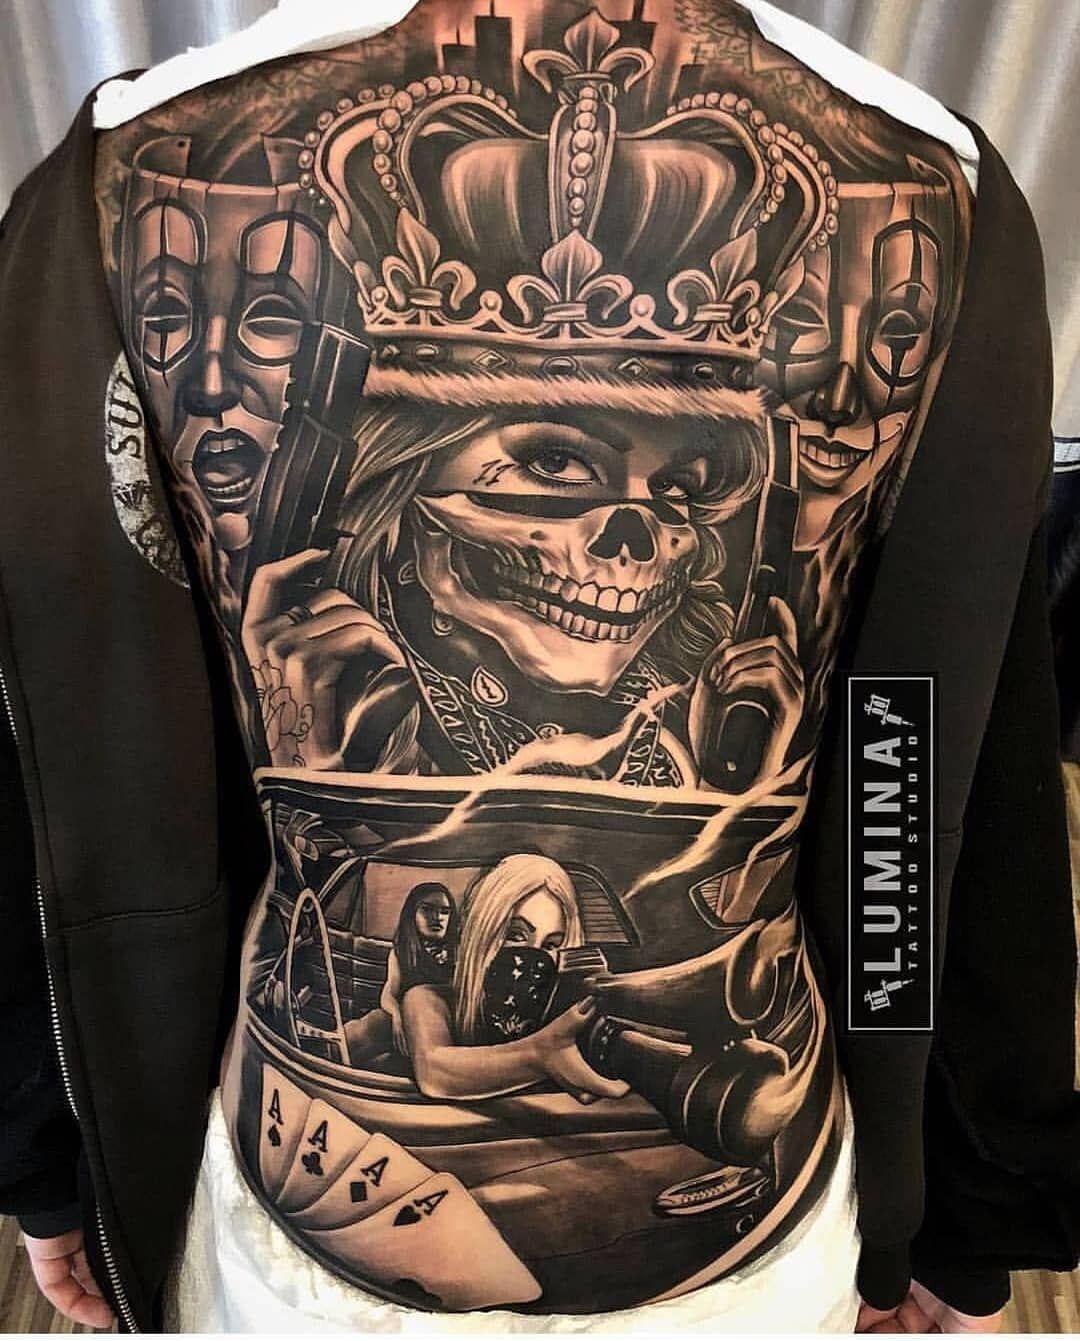 Pin by Ricky Wark on tattztodo Chicano tattoos sleeve